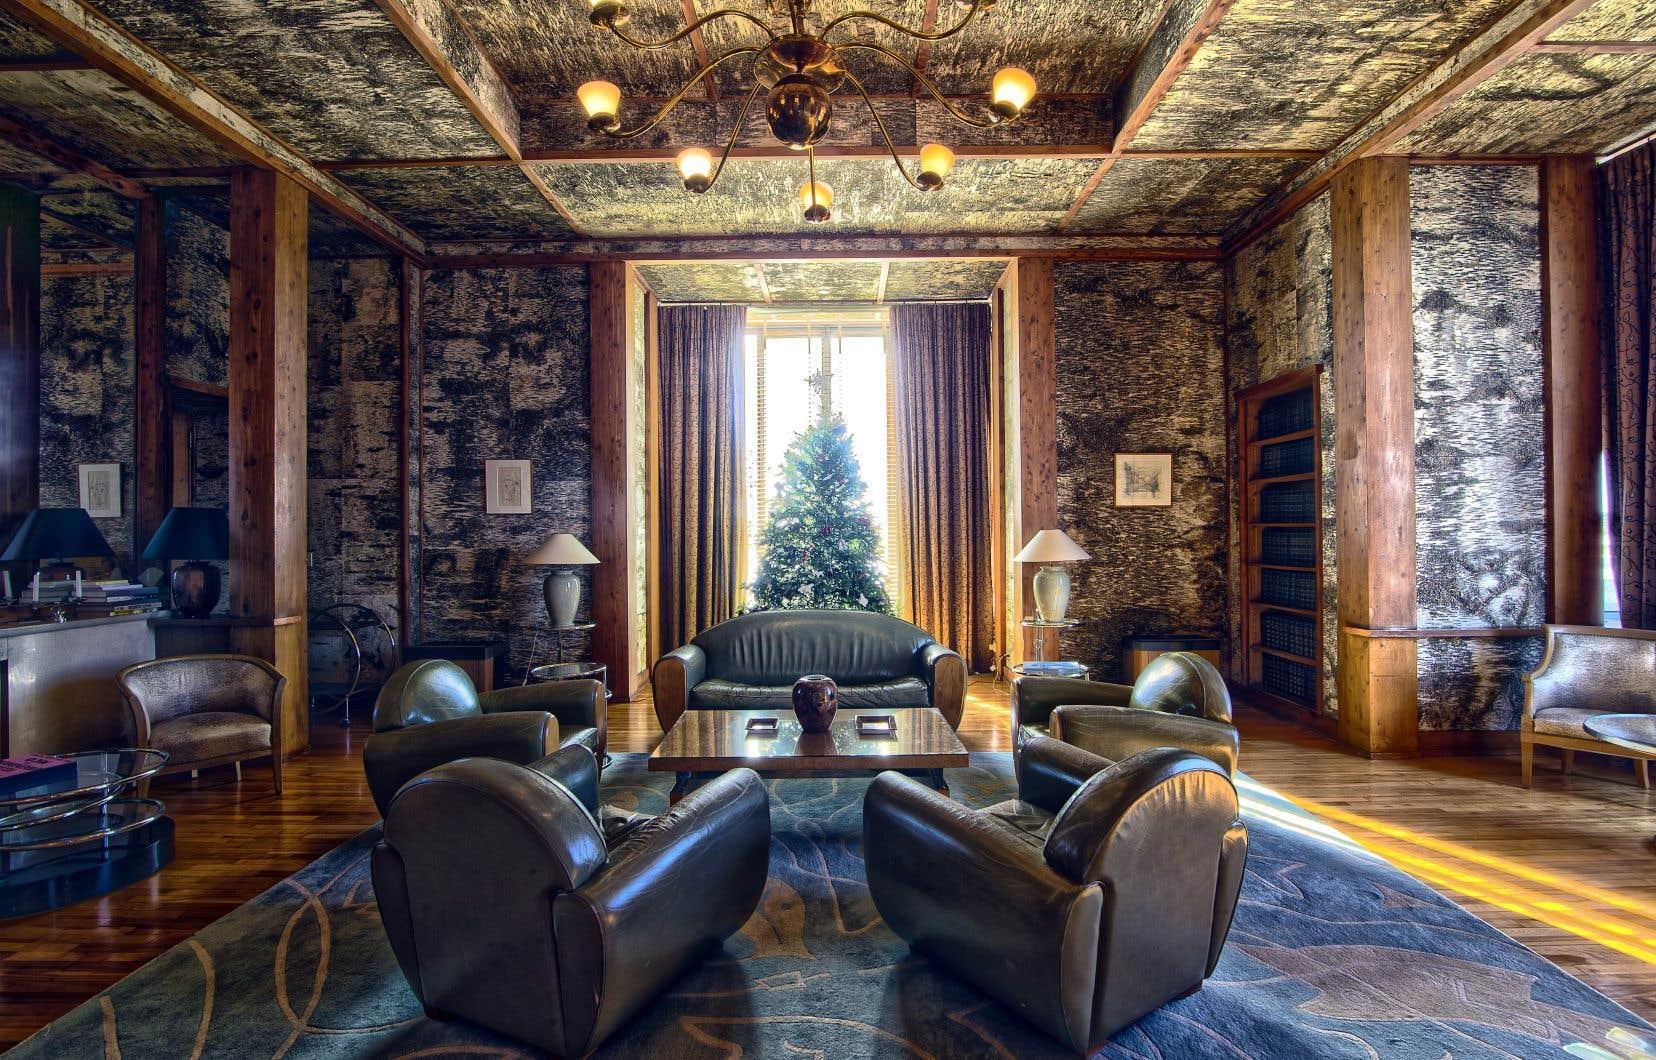 Le salon Bouleau devait au départ être recouvert de différentes essences de bois canadien, mais l'architecte Eugène Beaudouin a tellement aimé l'effet du bouleau qu'il imposa celle-là entre tous les travers de cèdre rouge. Les meubles de cuir vert olive ont remplacé les fauteuils d'origine recouverts de peau de poulain alezan dessinés par Beaudouin — comme la majorité de l'ameublement de l'édifice, incluant celui des quartiers privés réservés à l'ambassadeur.